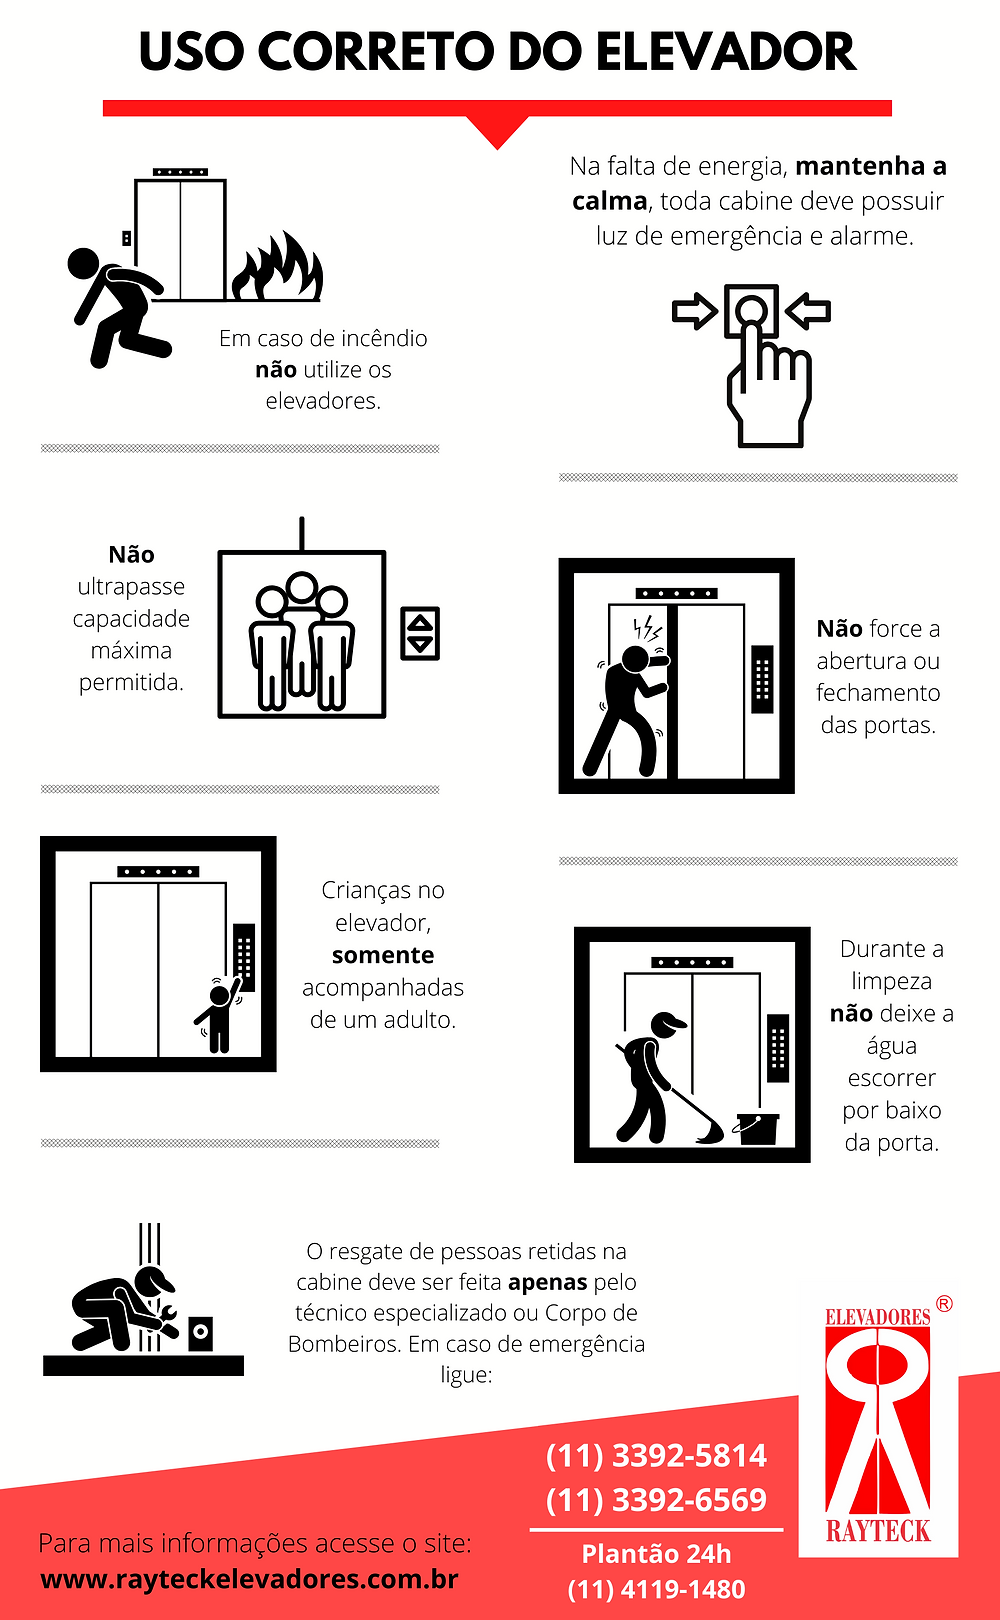 uso correto do elevador - Rayteck Elevadores